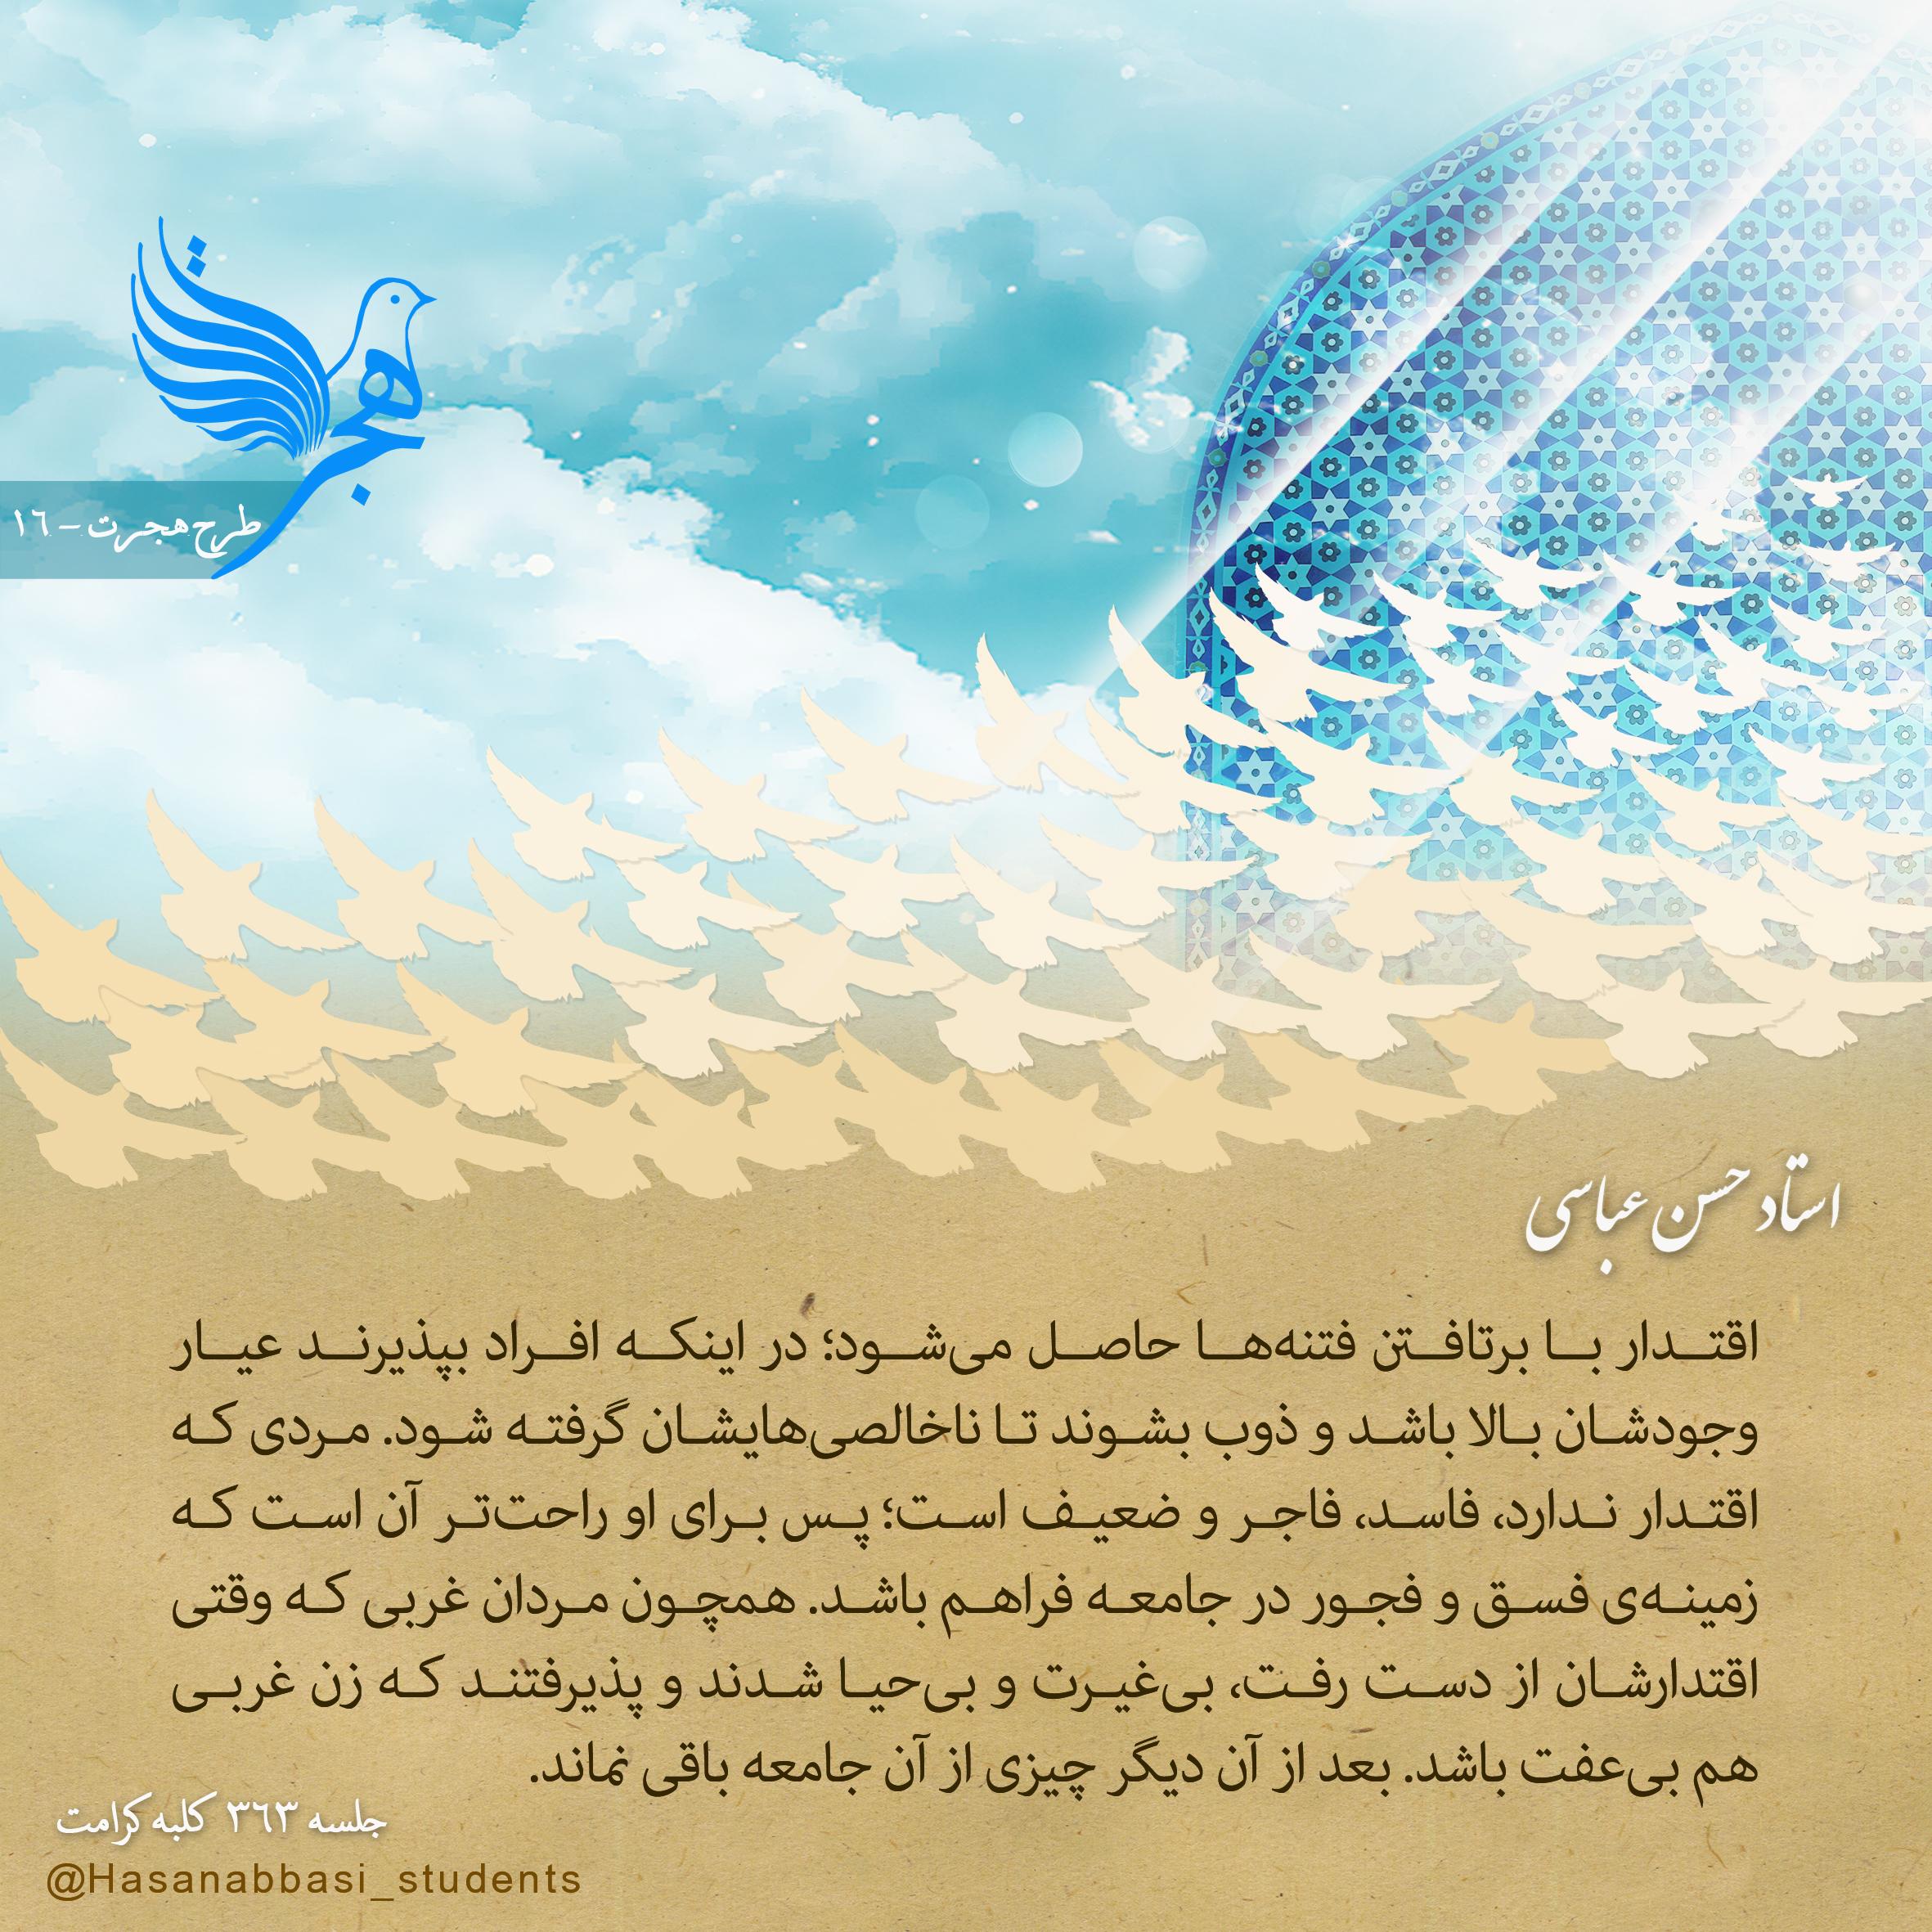 طرح هجرت ۱۶ - «وَ لَنَبْلُوَنَّکُمْ بِشَیْءٍ مِنَ الْخَوْفِ وَ الْجُوعِ وَ نَقْصٍ مِنَ الْأَمْوالِ وَ الْأَنْفُسِ وَ الثَّمَراتِ وَ بَشِّرِ الصَّابِرینَ»